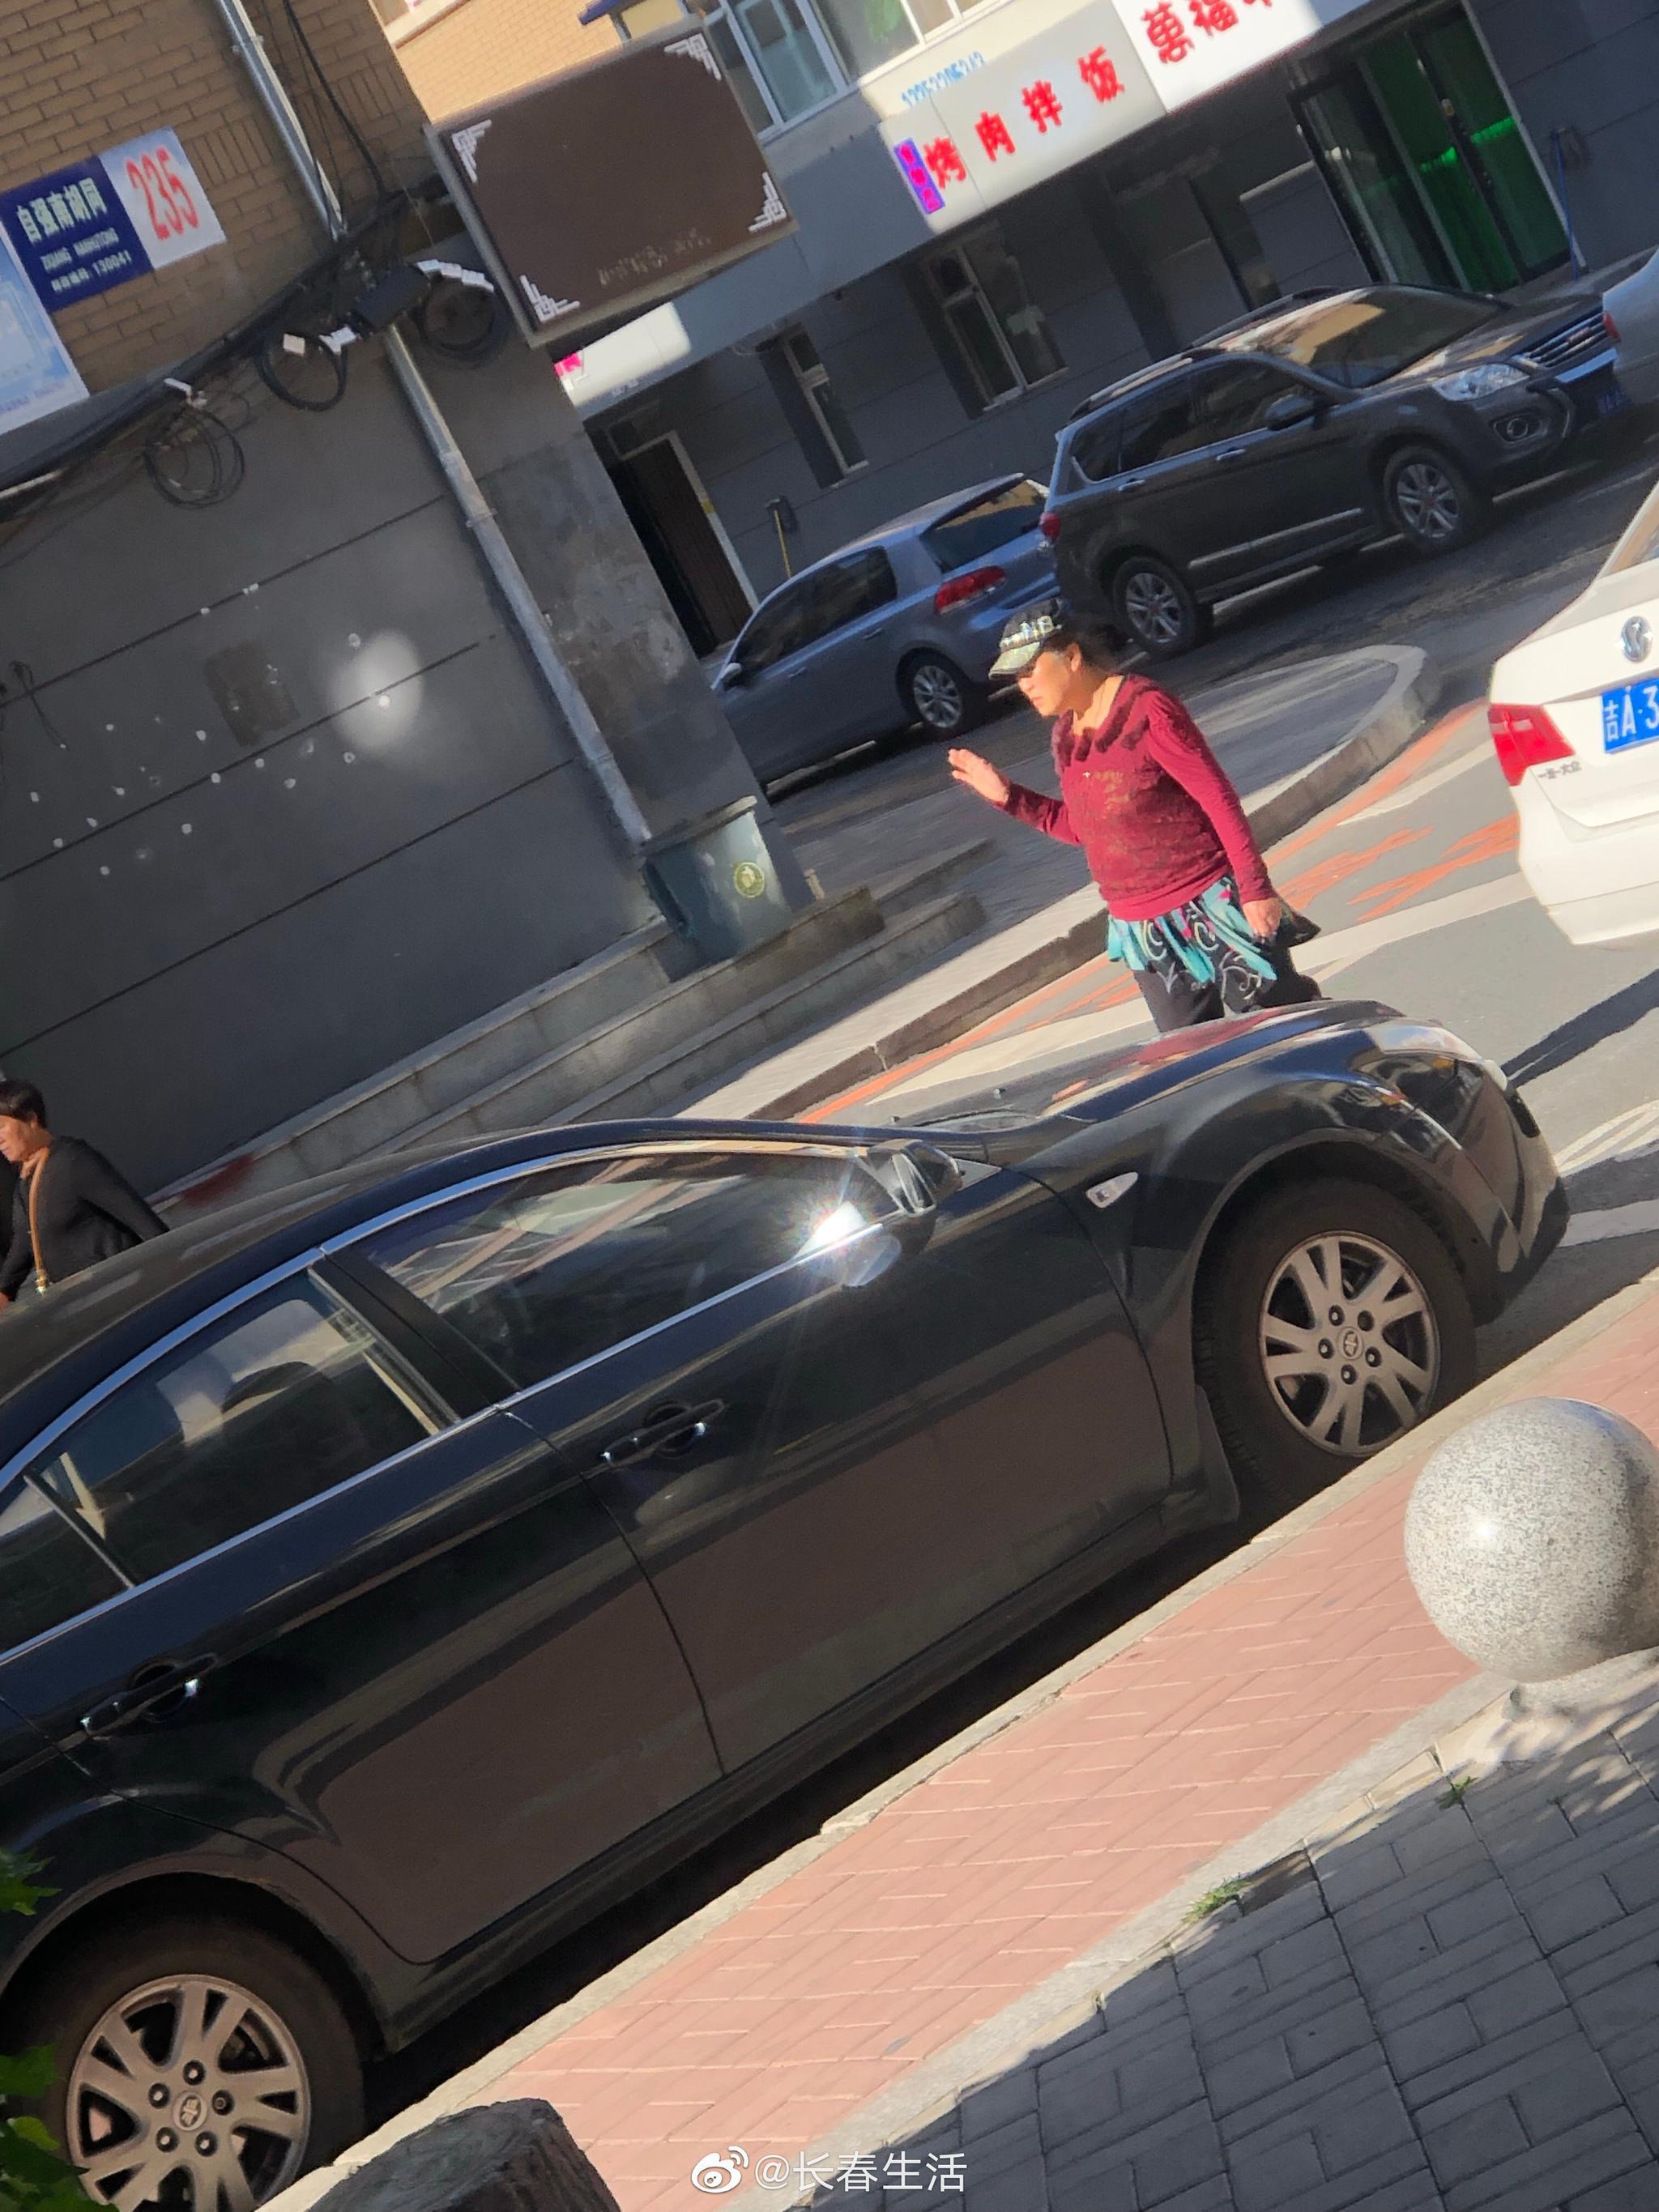 网友爆料:吉大二院附近,各种整不了这些拿着公共停车位赚钱的人